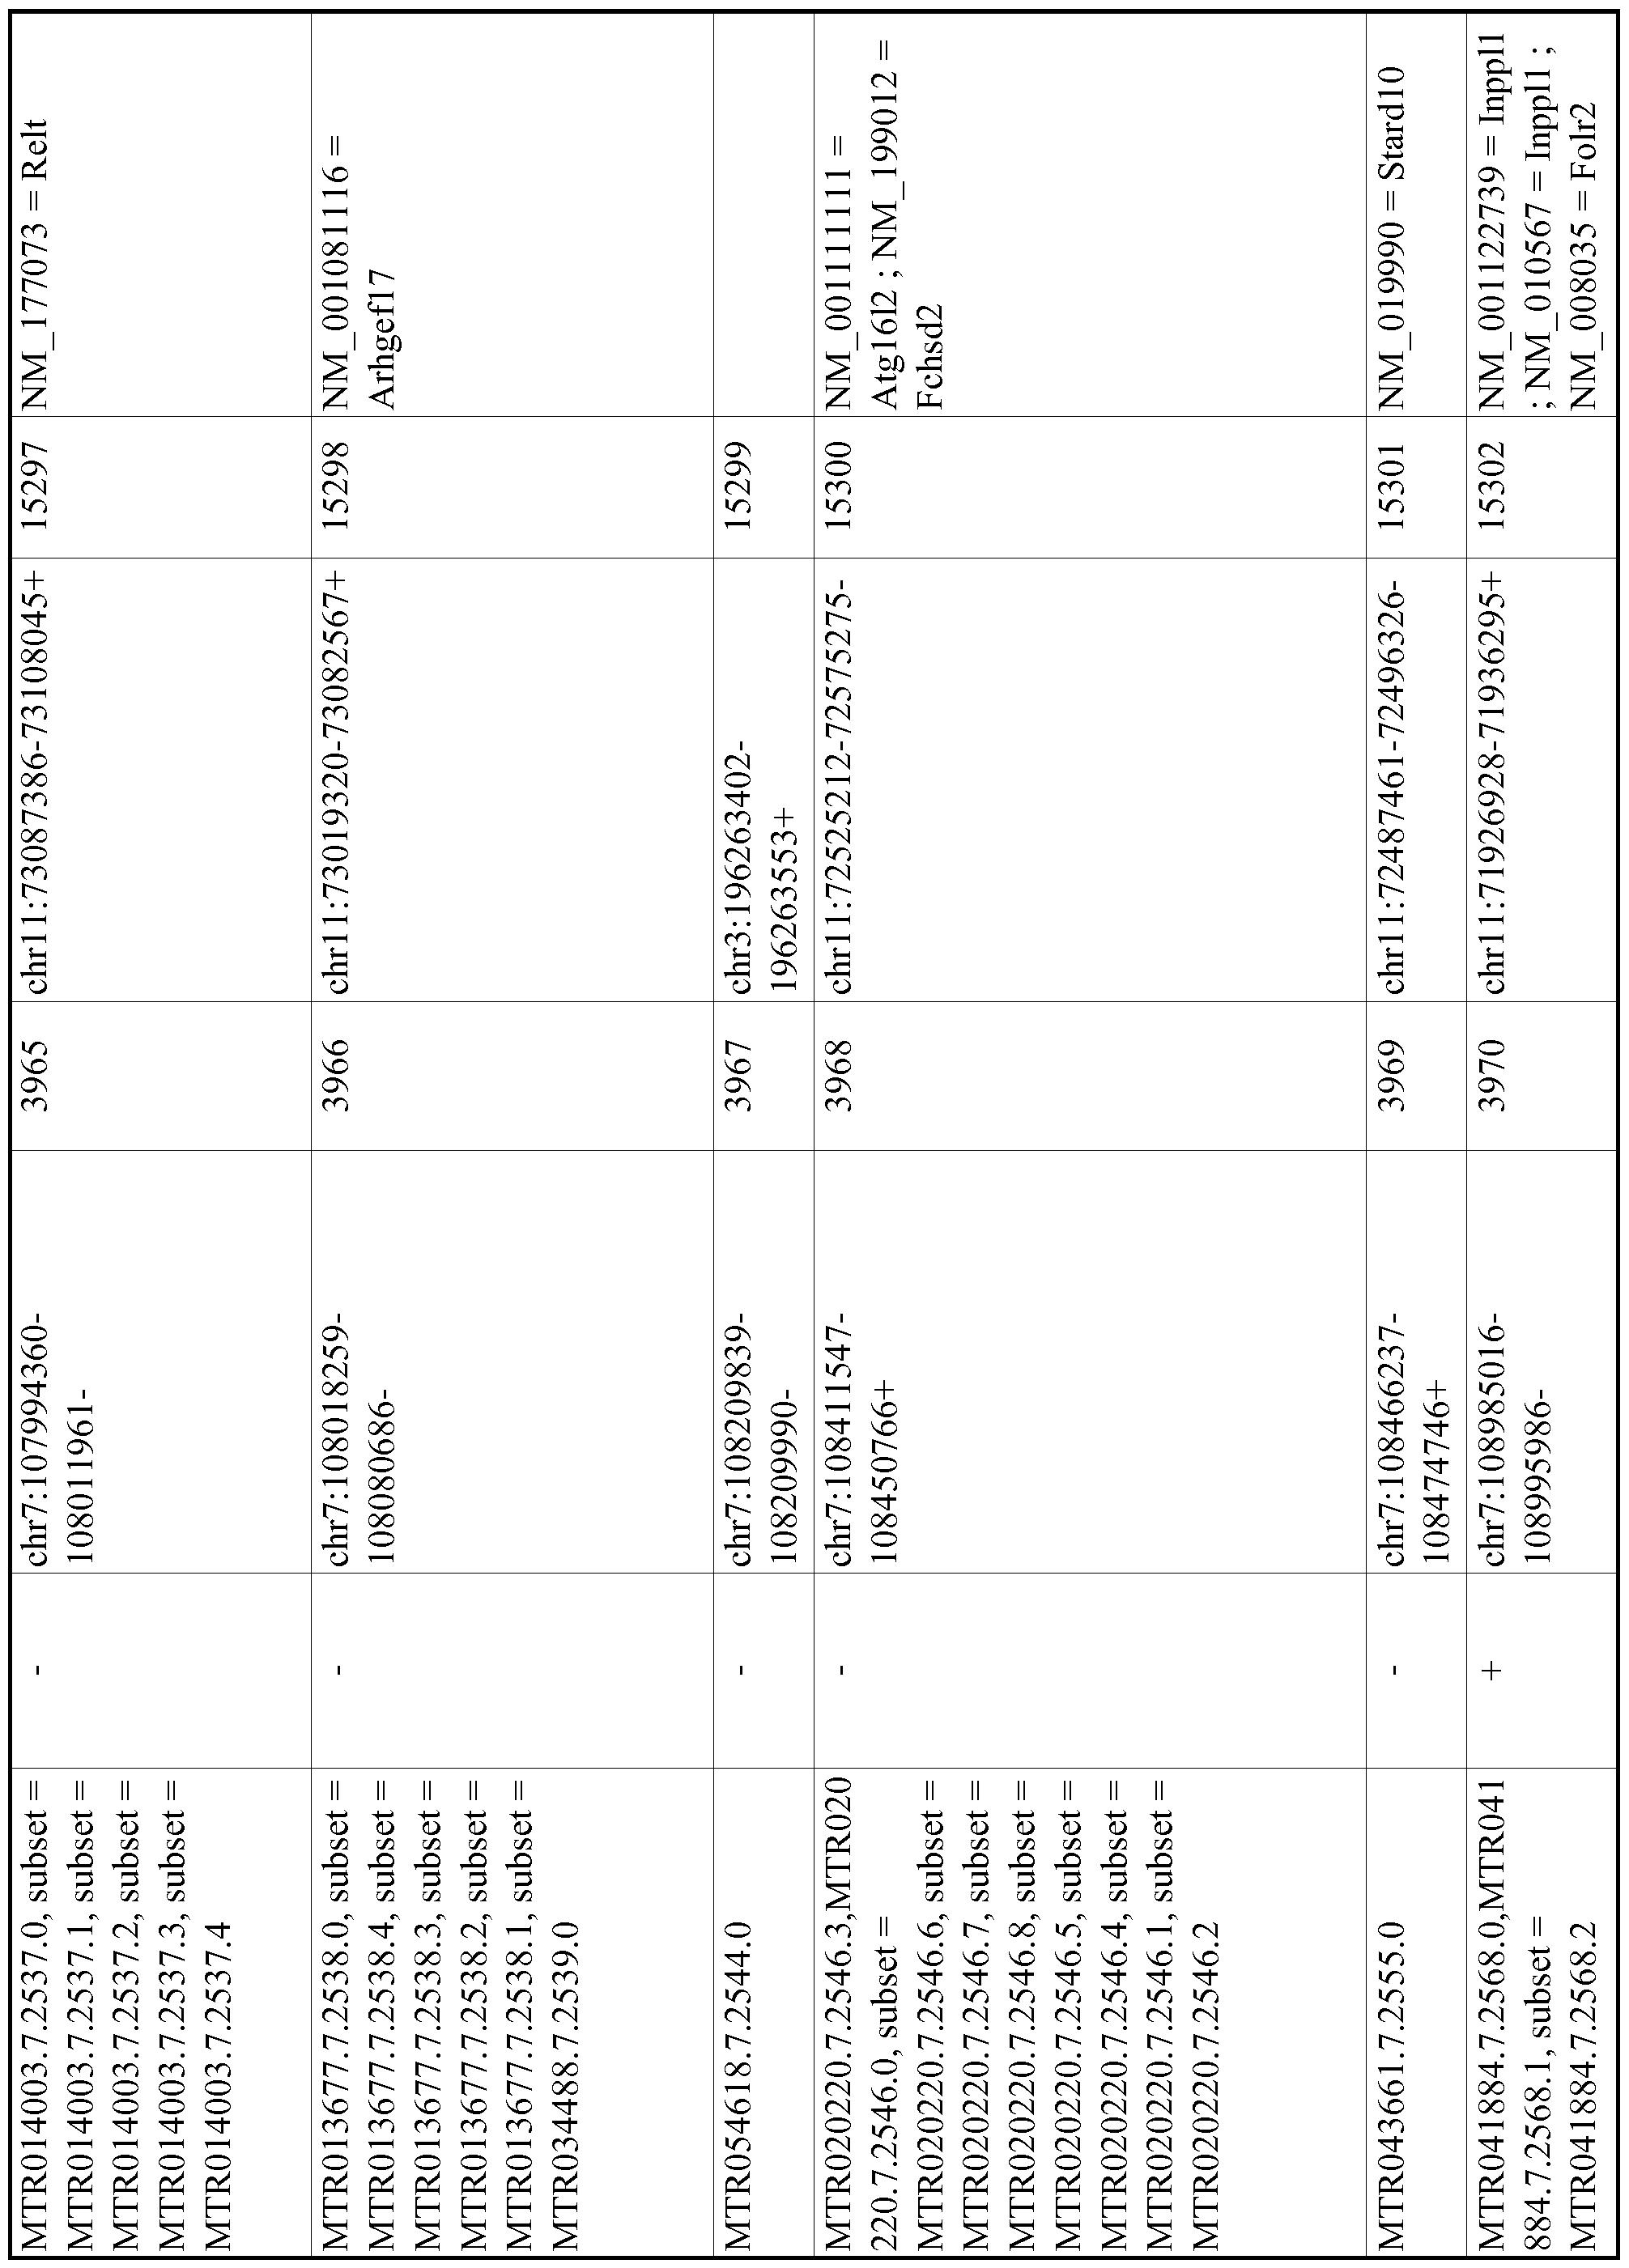 Figure imgf000758_0001